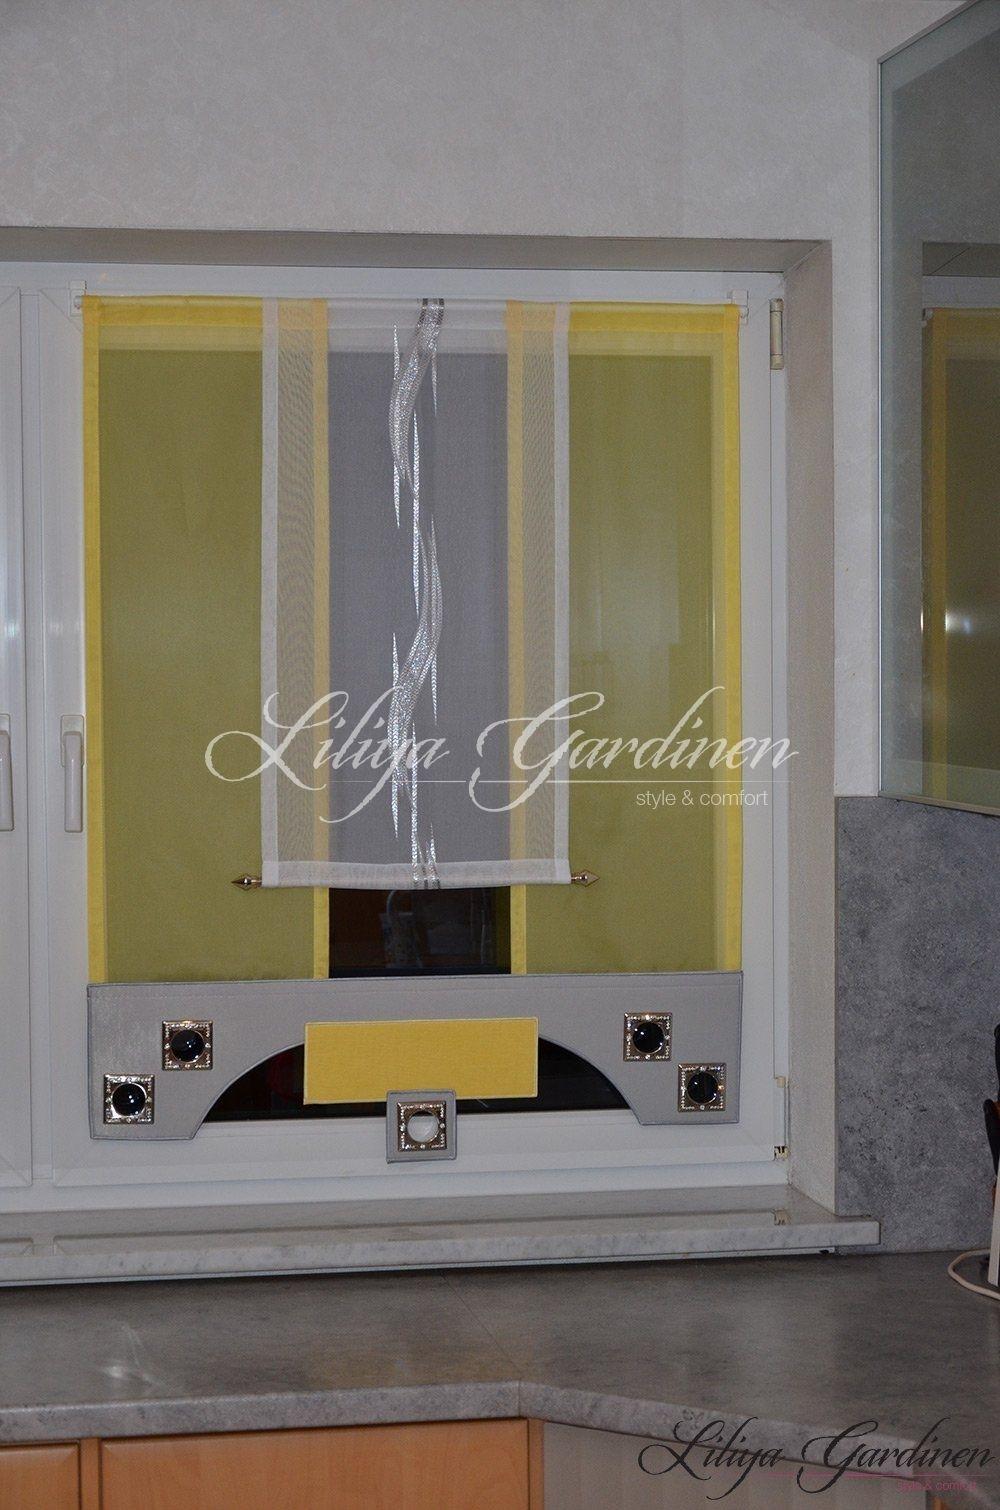 Full Size of Kchengardinen Bei Ihrem Gardinenspezialisten Bestellen Wir Wohnzimmer Küchengardinen